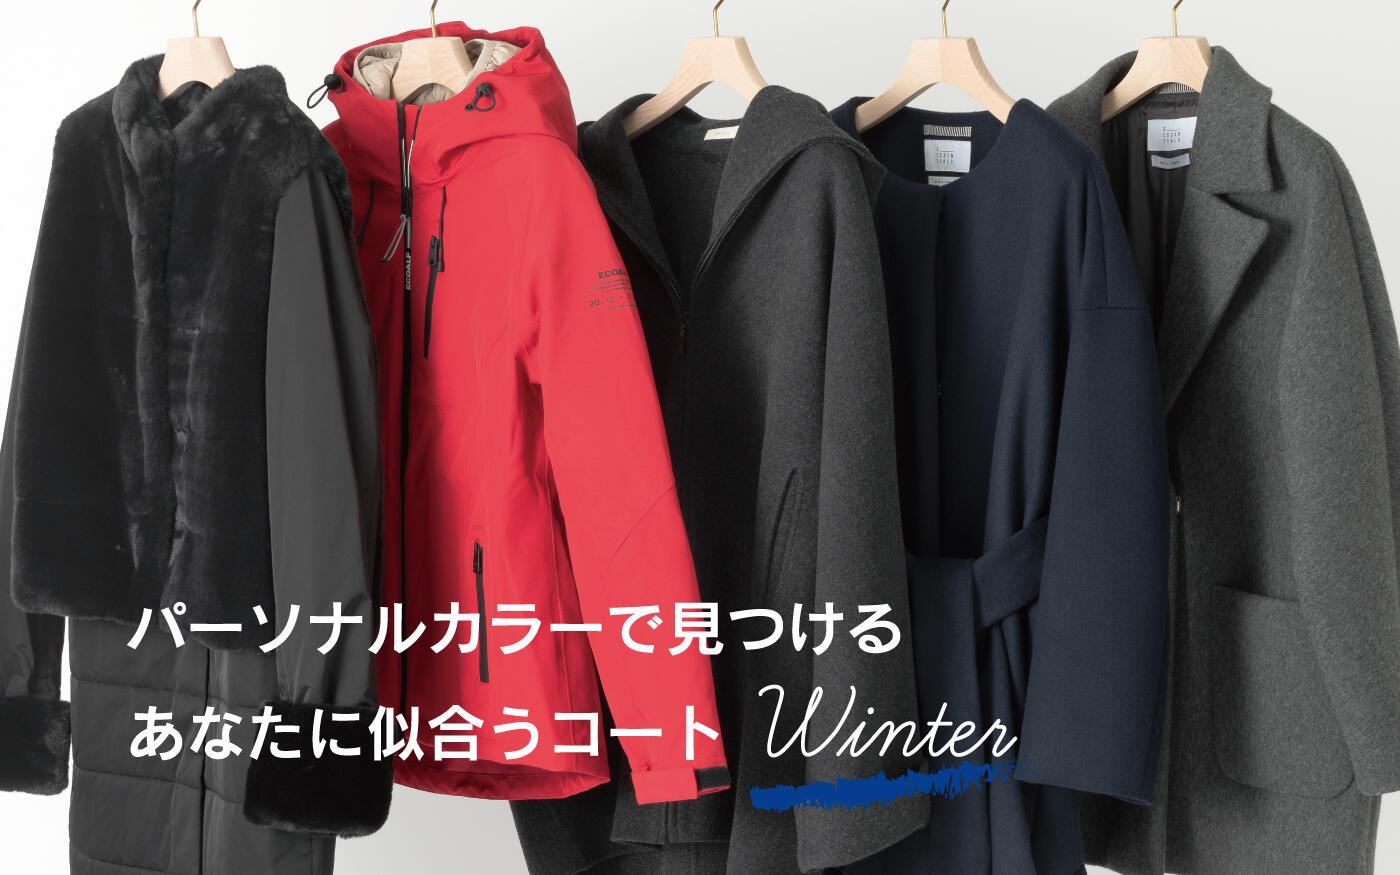 【WINTER】パーソナルカラーから見つける!あなたに本当に似合うコート5選!